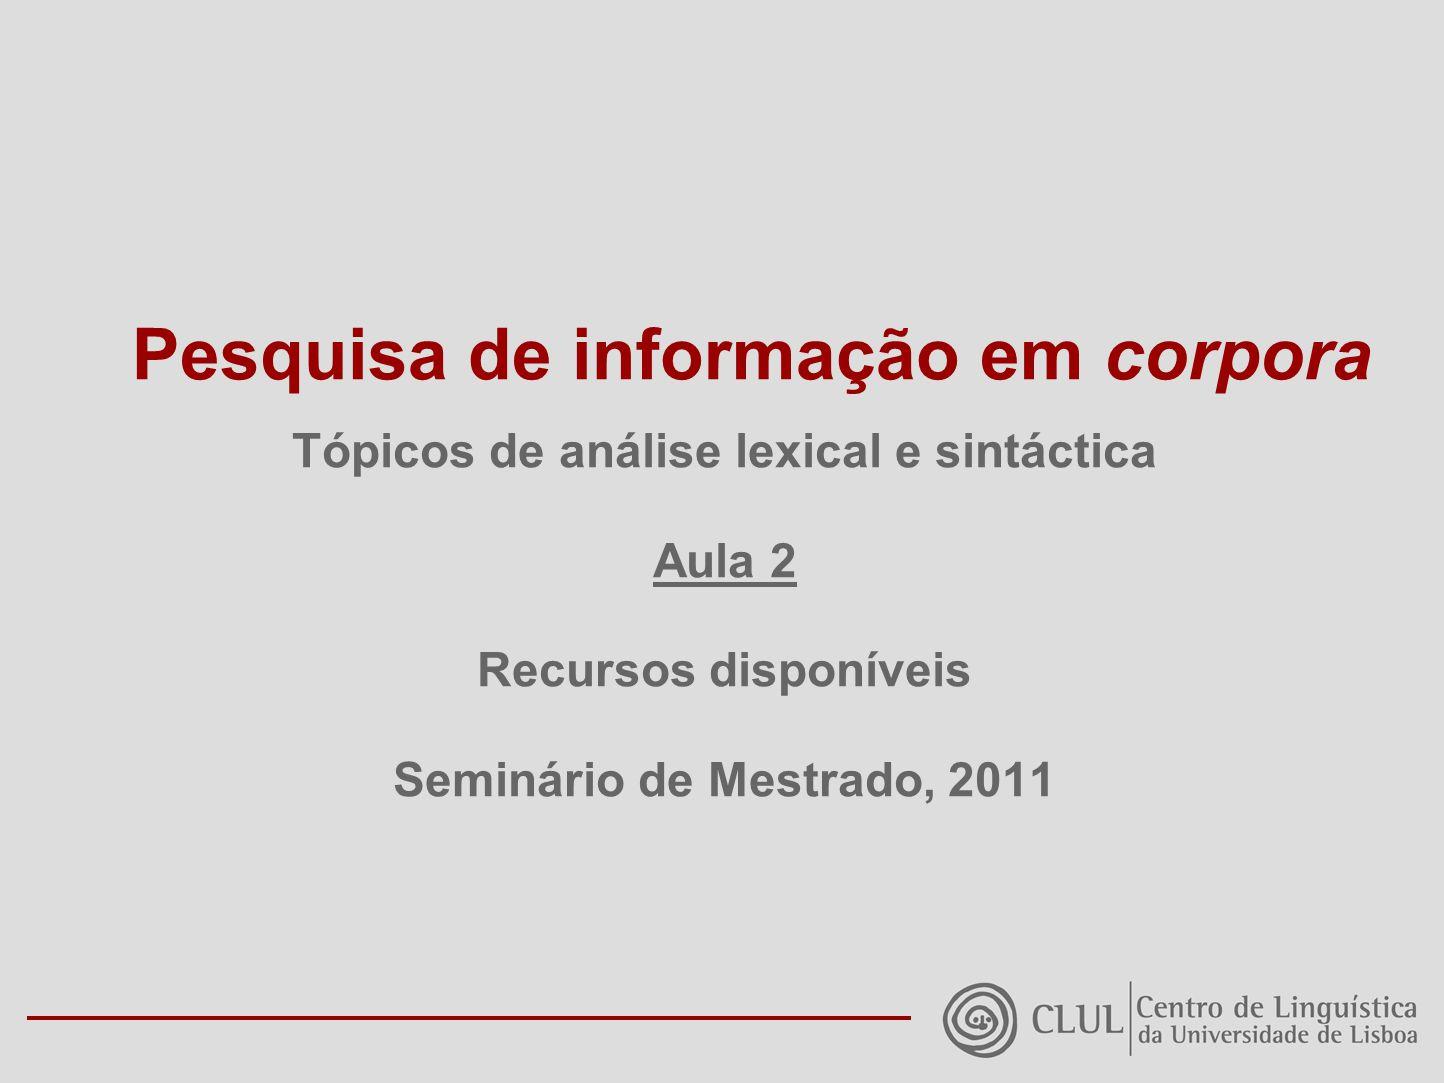 Pesquisa de informação em corpora Tópicos de análise lexical e sintáctica Aula 2 Recursos disponíveis Seminário de Mestrado, 2011